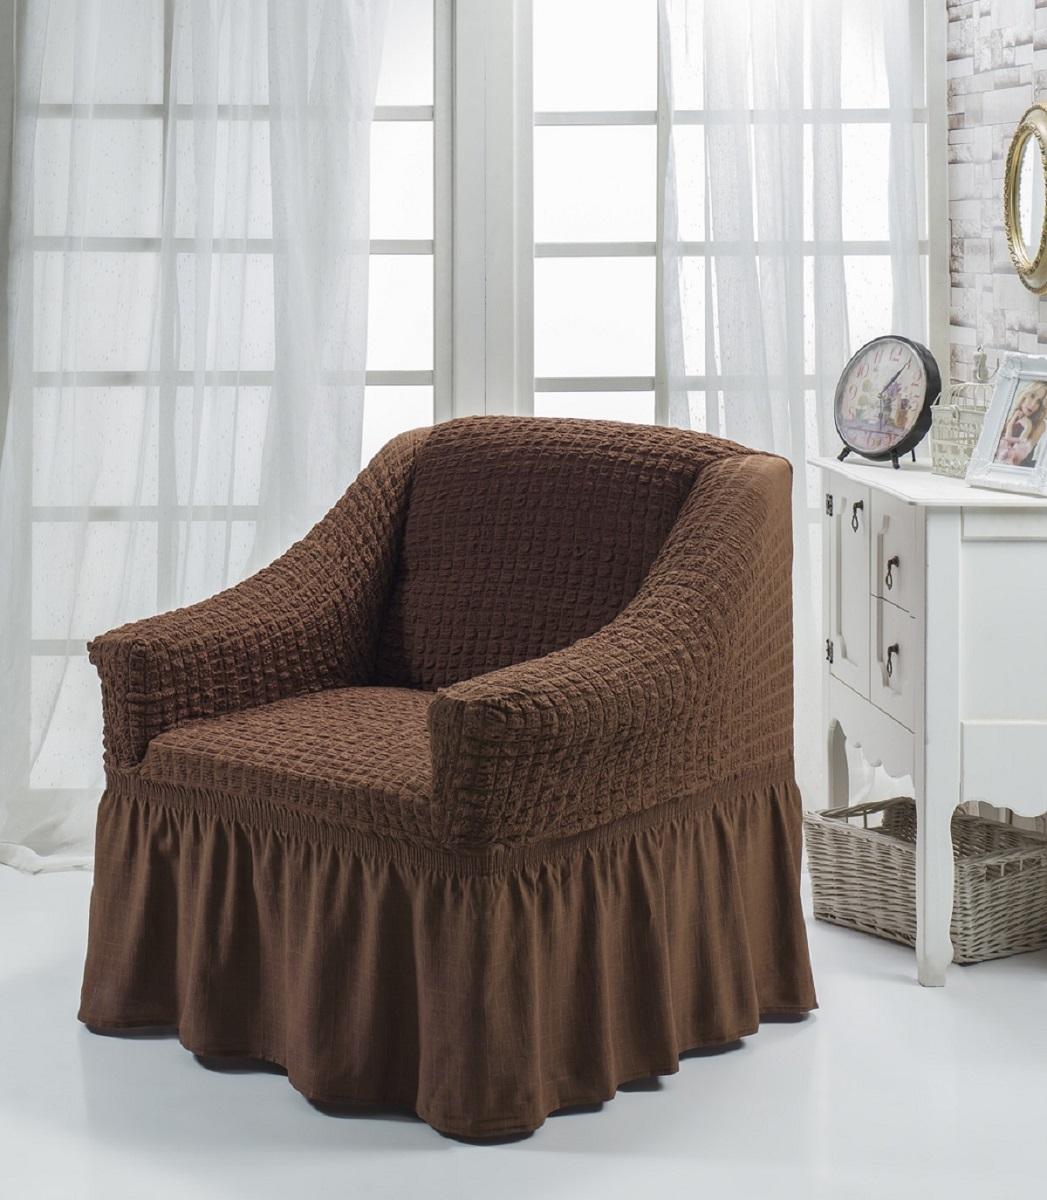 Чехол для кресла Karna Bulsan, цвет: темно-коричневый1797/CHAR007Универсальный чехол для кресла Karna Bulsan изготовлен из высококачественного материала на основе полиэстера и хлопка и дополнен широкой юбкой, скрывающей низ мебели. Изделие оснащено фиксаторами, которые позволяют надежно закрепить чехол на мебели. Фиксаторы вставляются в расстояние между спинкой и сиденьем, фиксируя чехол в одном положении, и не позволяя ему съезжать и терять форму. Фиксаторы особенно необходимы в том случае, если у вас кожаная мебель или мебель нестандартных габаритов. Характеристики:Плотность: 360 гр/м2. Ширина и глубина посадочного места: 70-80 см.Высота спинки от посадочного места: 70-80 см.Высота подлокотников: 35-45 см.Ширина подлокотников: 25-35 см.Высота юбки: 35 см.